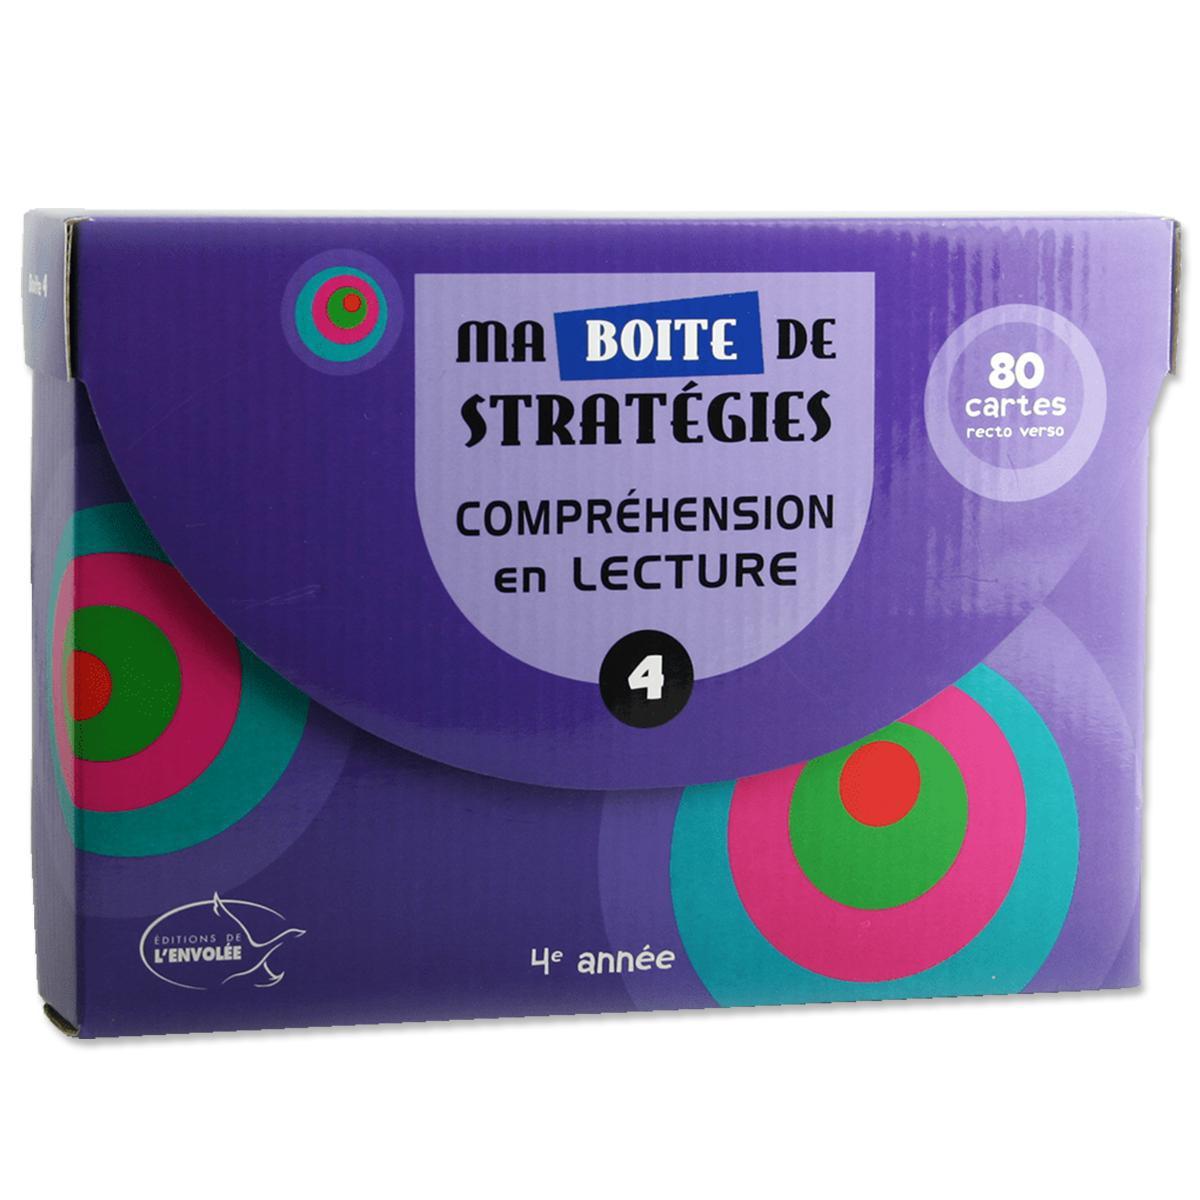 Ma boîte de stratégies : Compréhension en lecture 4